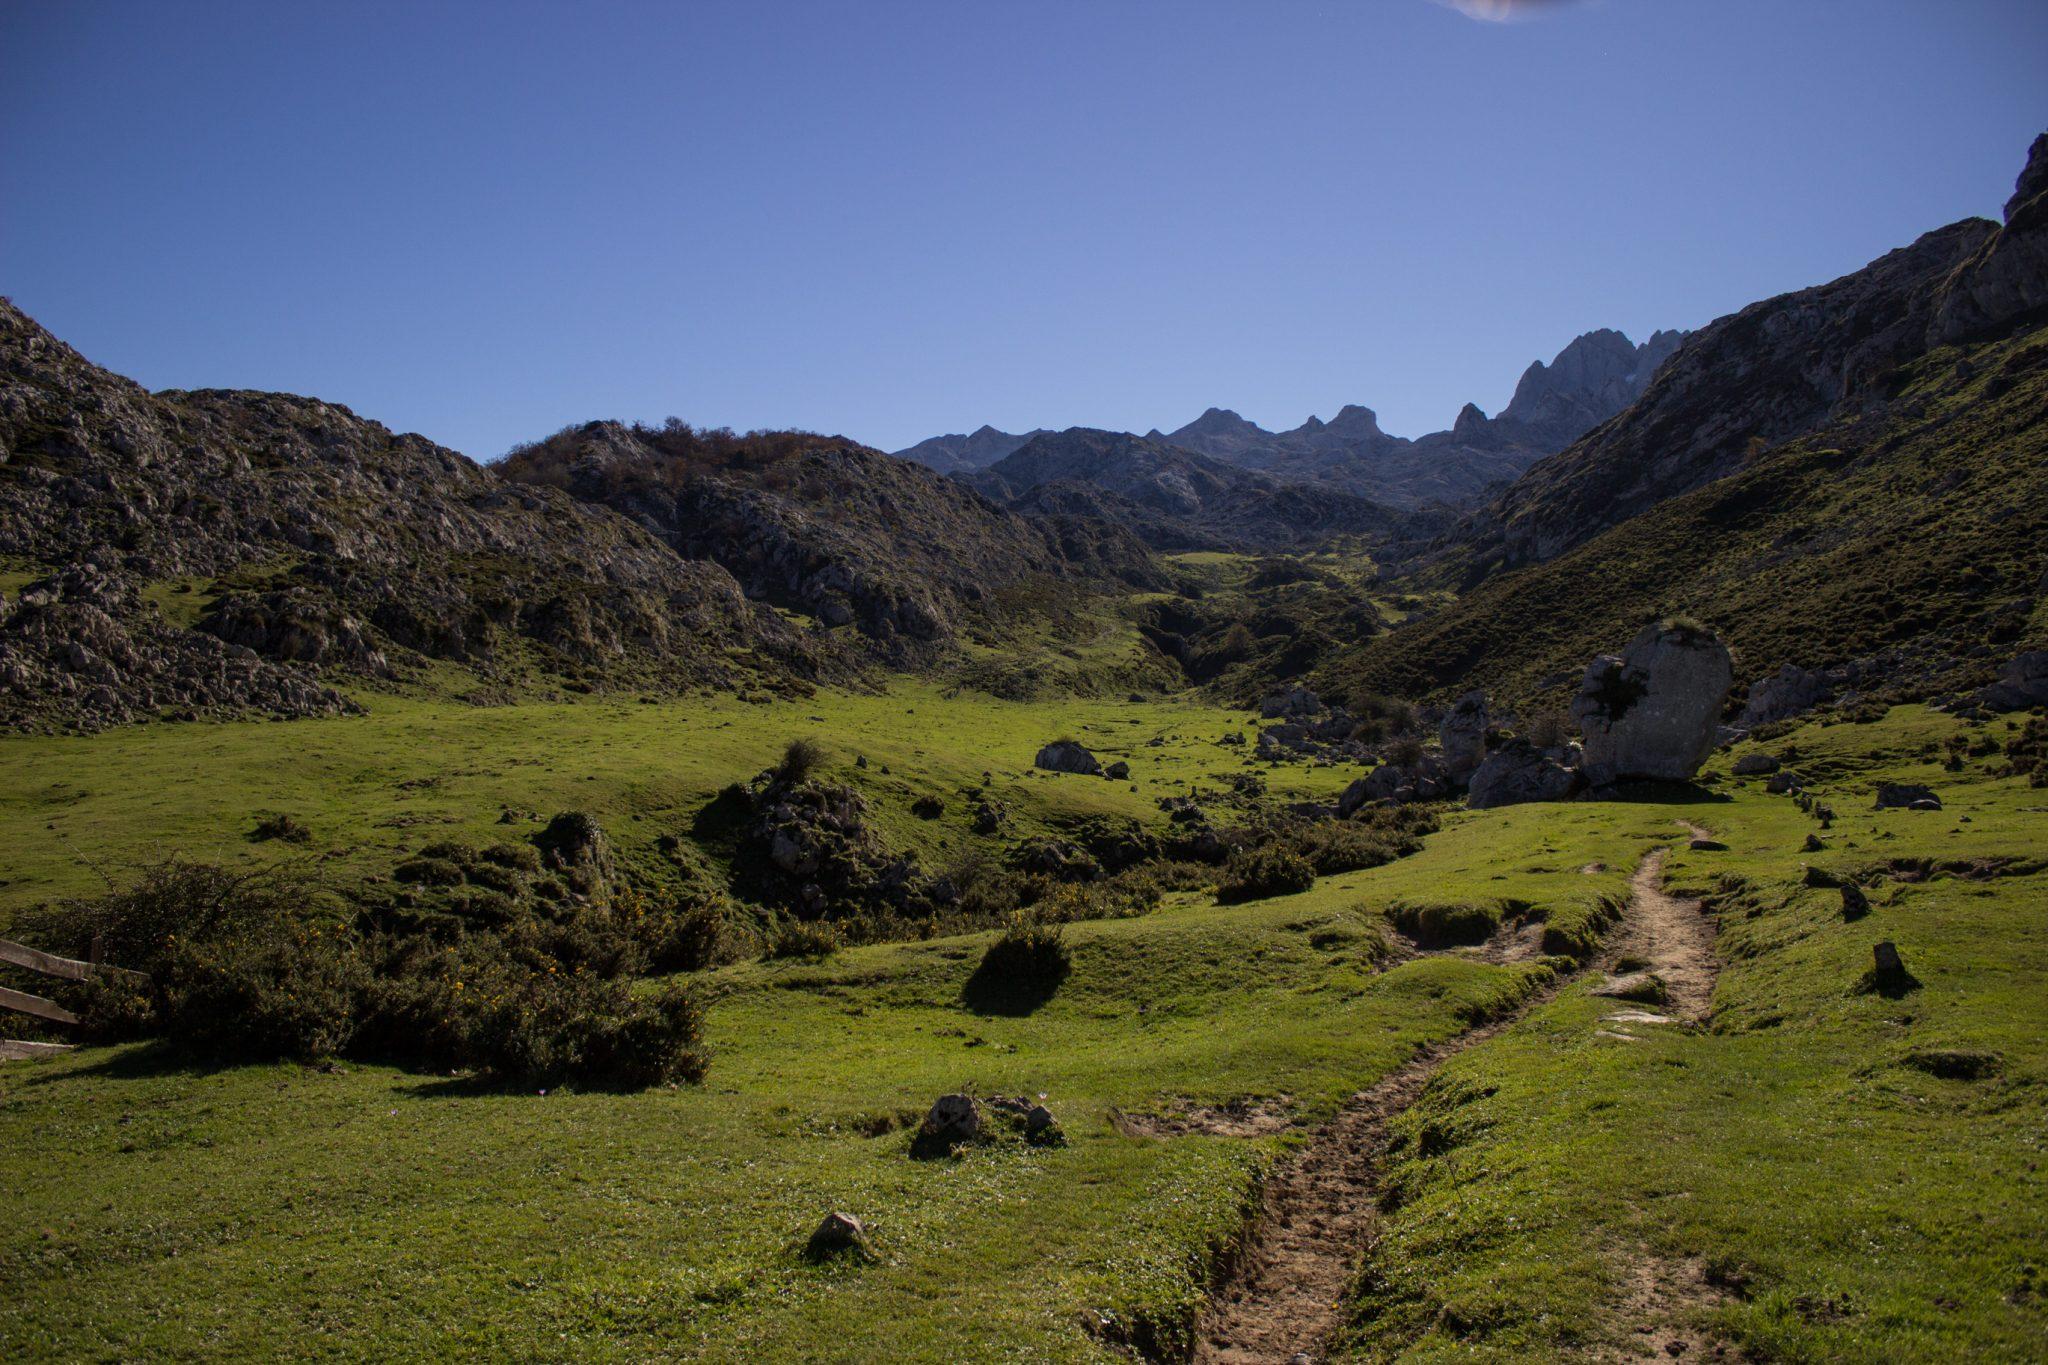 Wanderung Mirador de Ordiales Picos de Europa Spanien, Pfad durch Tal, Berge, saftige grüne Wiesen, strahlend blauer Himmel im Herbst Ende Oktober